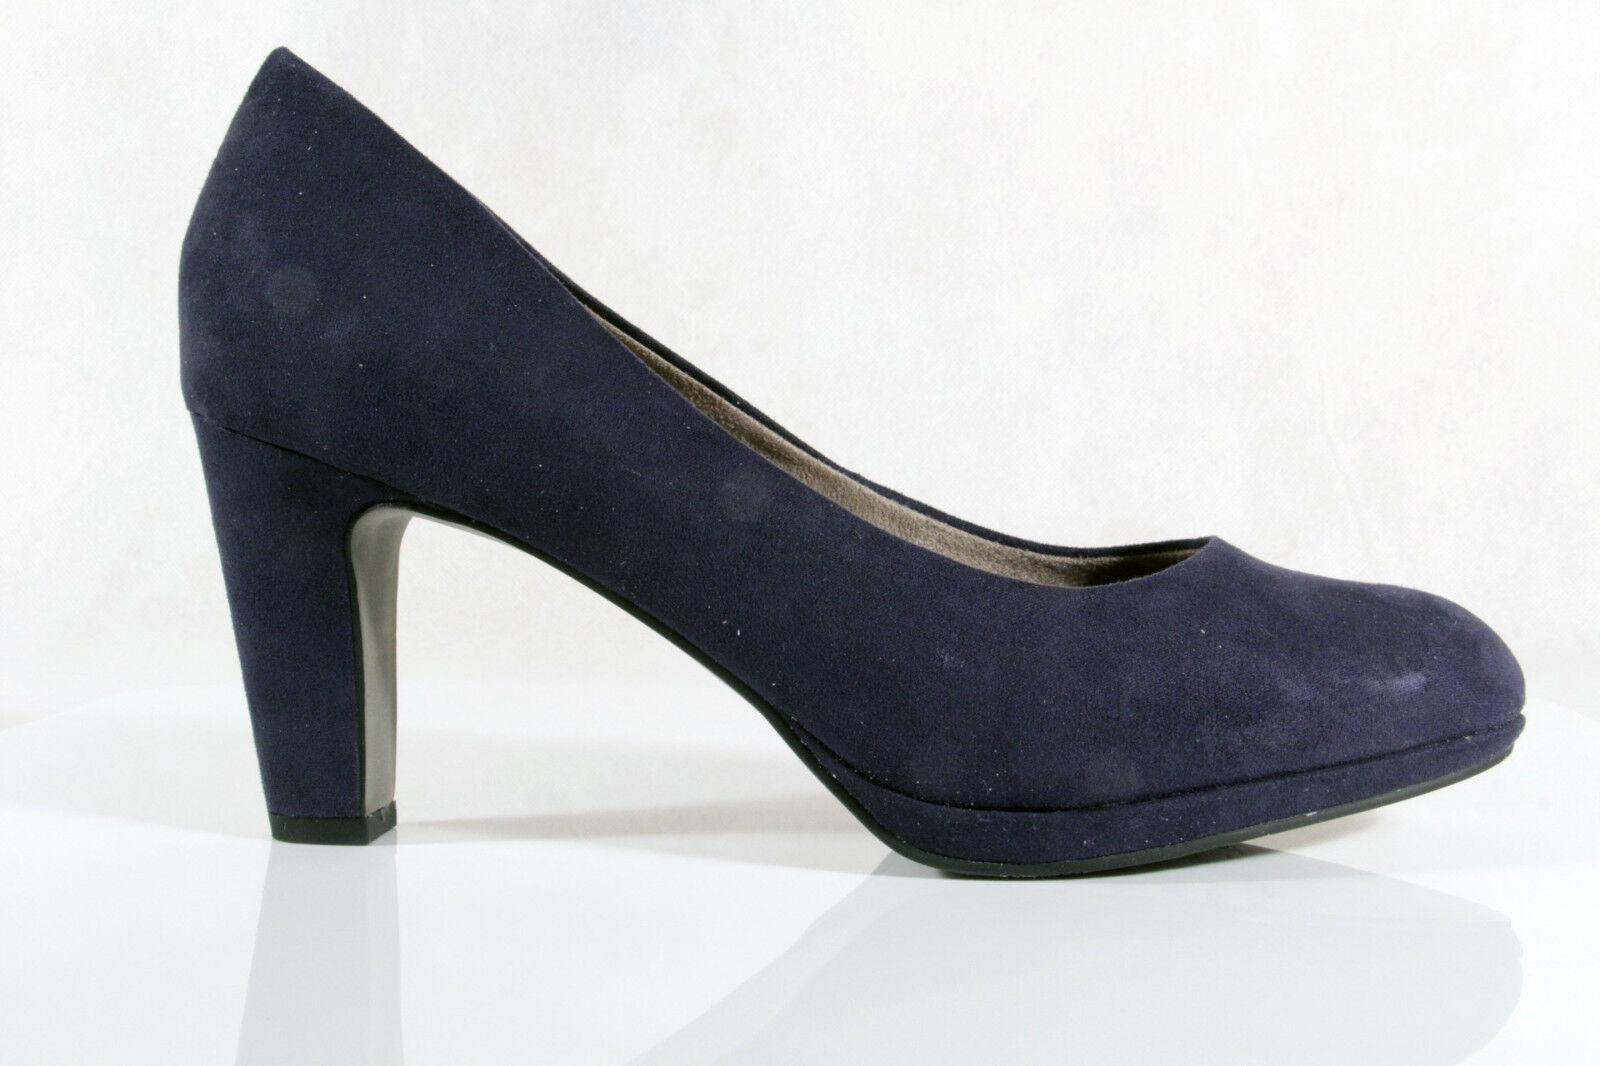 Damen Pumps Slipper,  Trotteur, Pumps  blau,  Slipper,  NEU 76787c